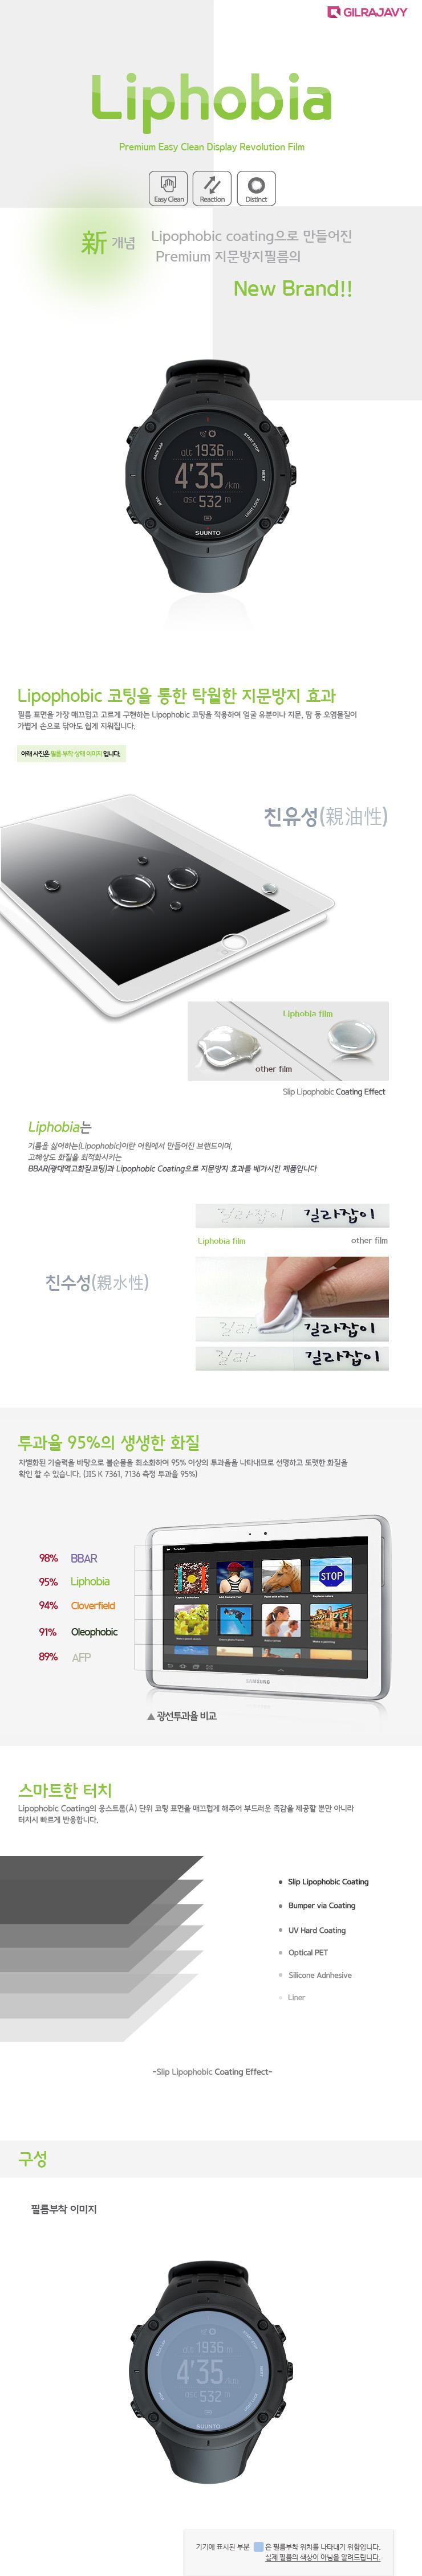 순토 엠빗3 피크  리포비아 액정보호필름 (2매입) - 길라잡이, 9,000원, 필름/스킨, 기타 스마트폰